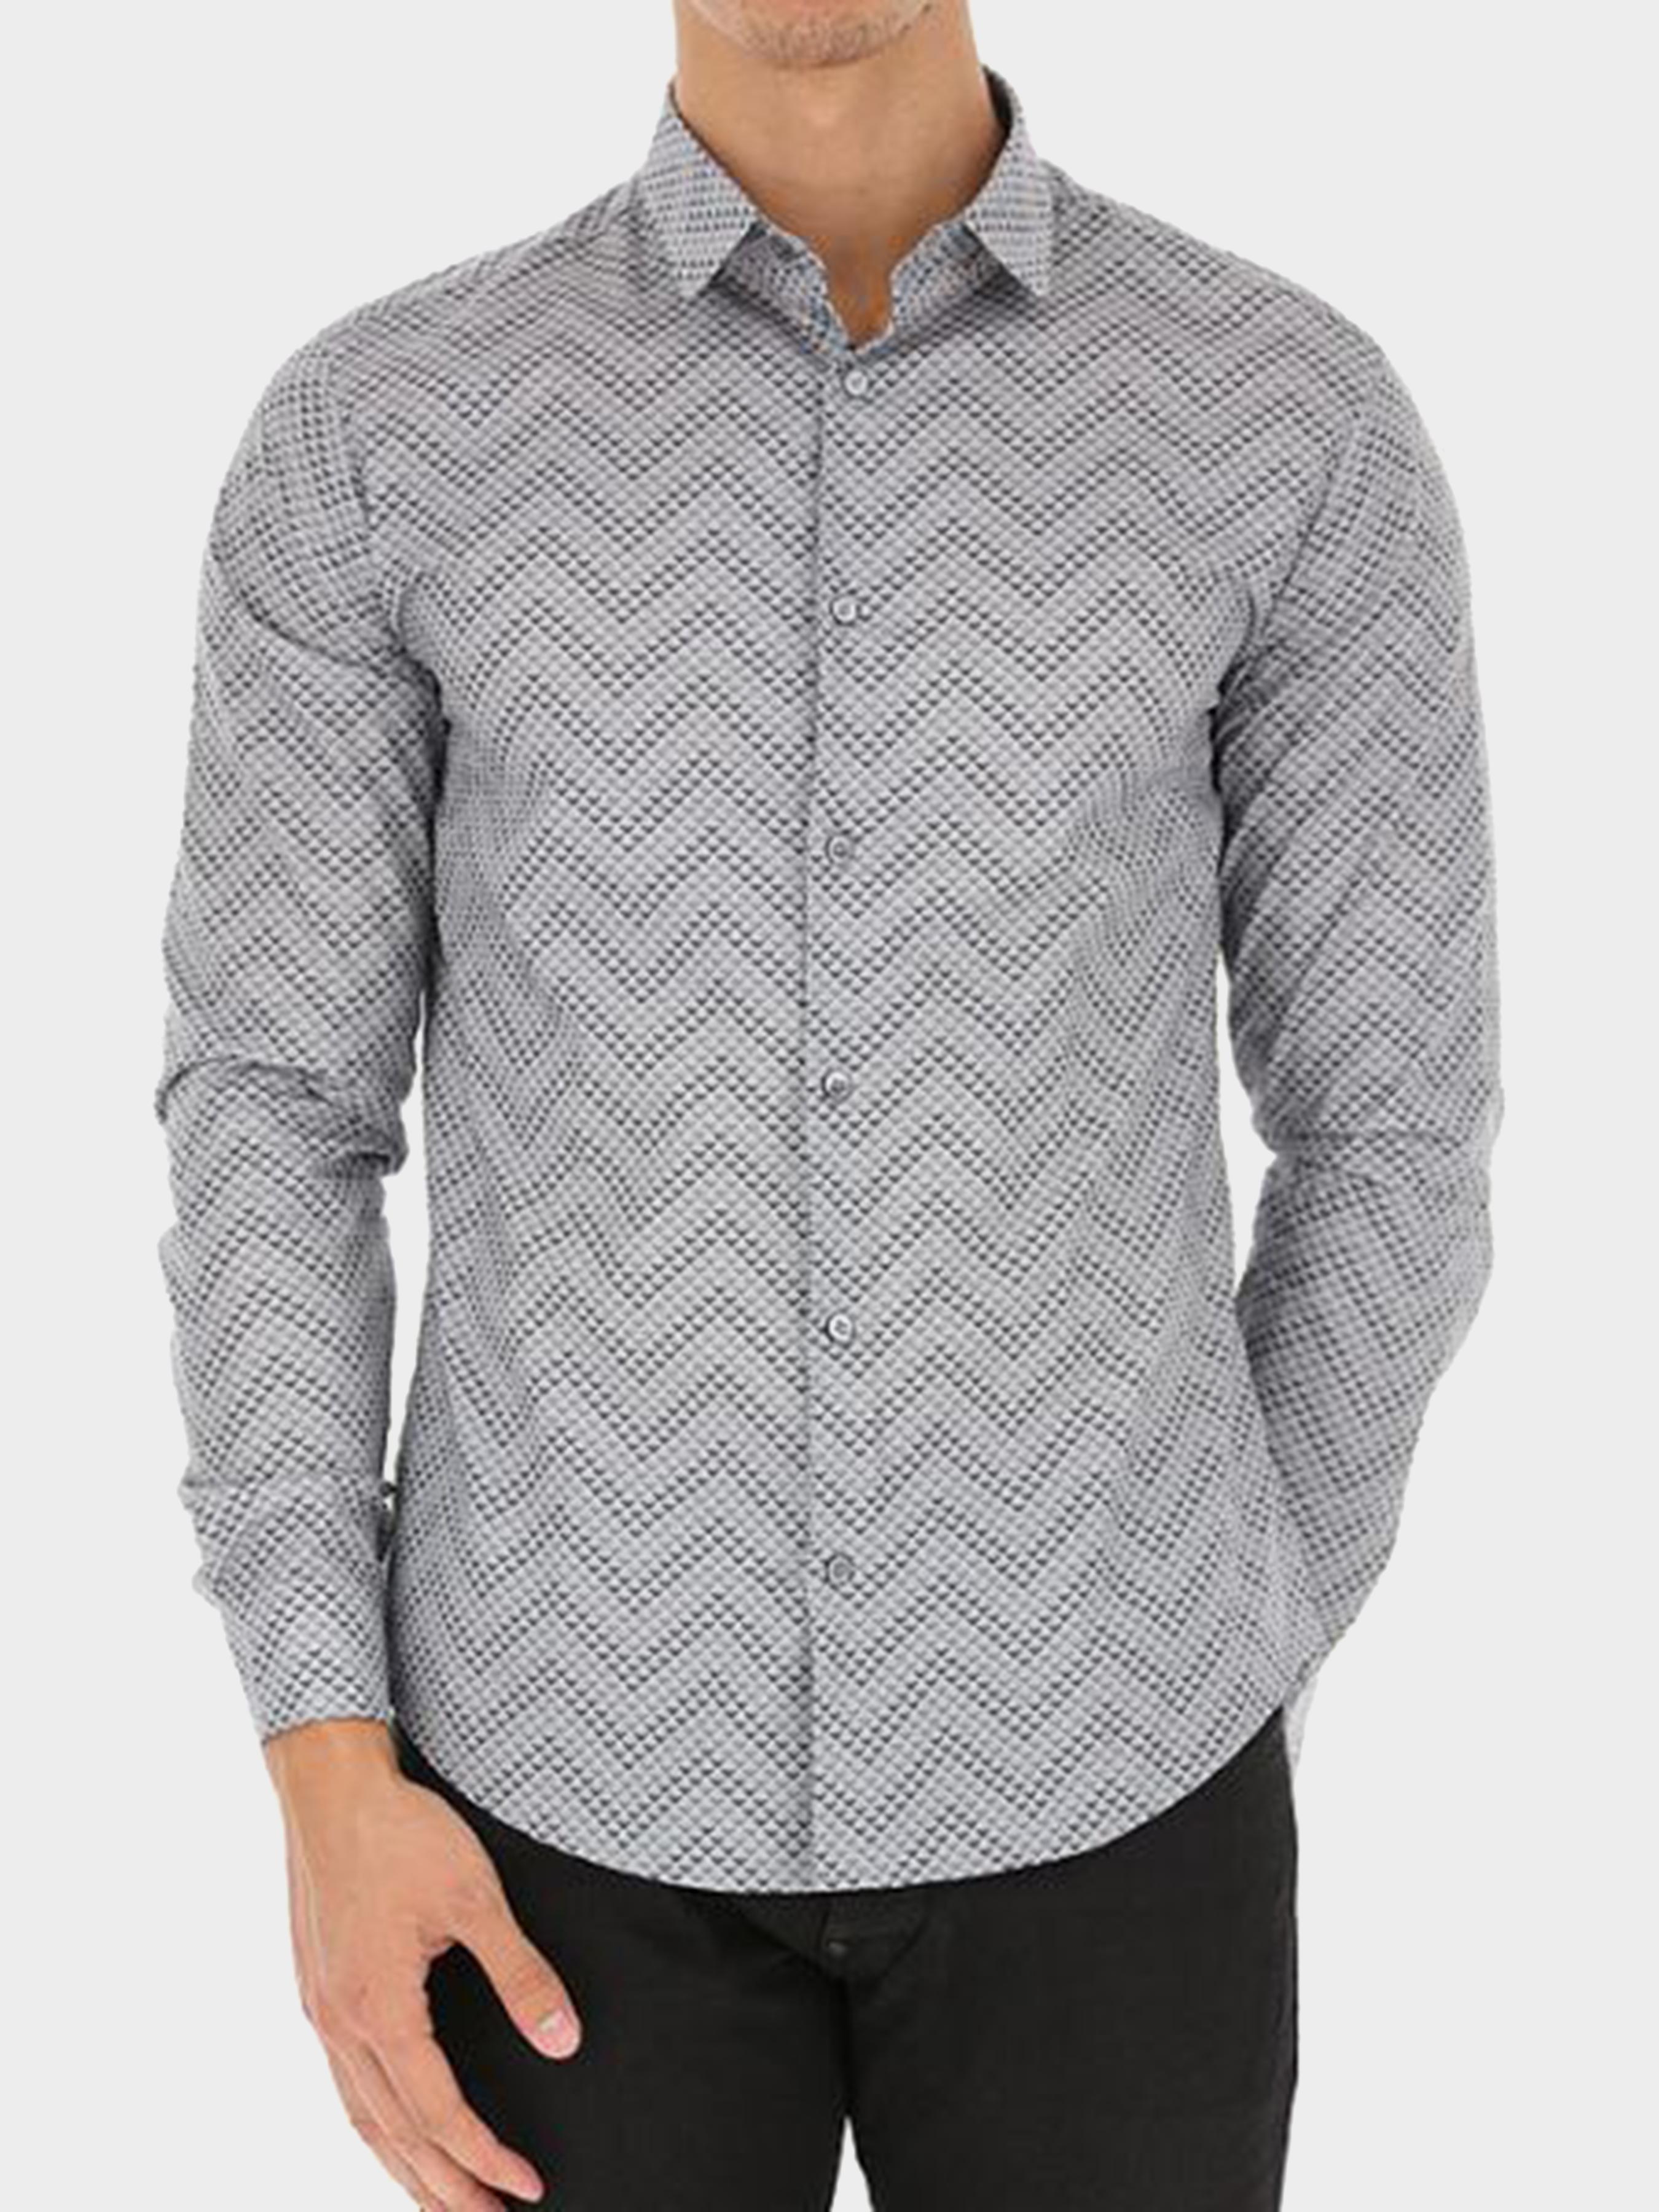 Рубашка мужские Emporio Armani модель 5O527 отзывы, 2017